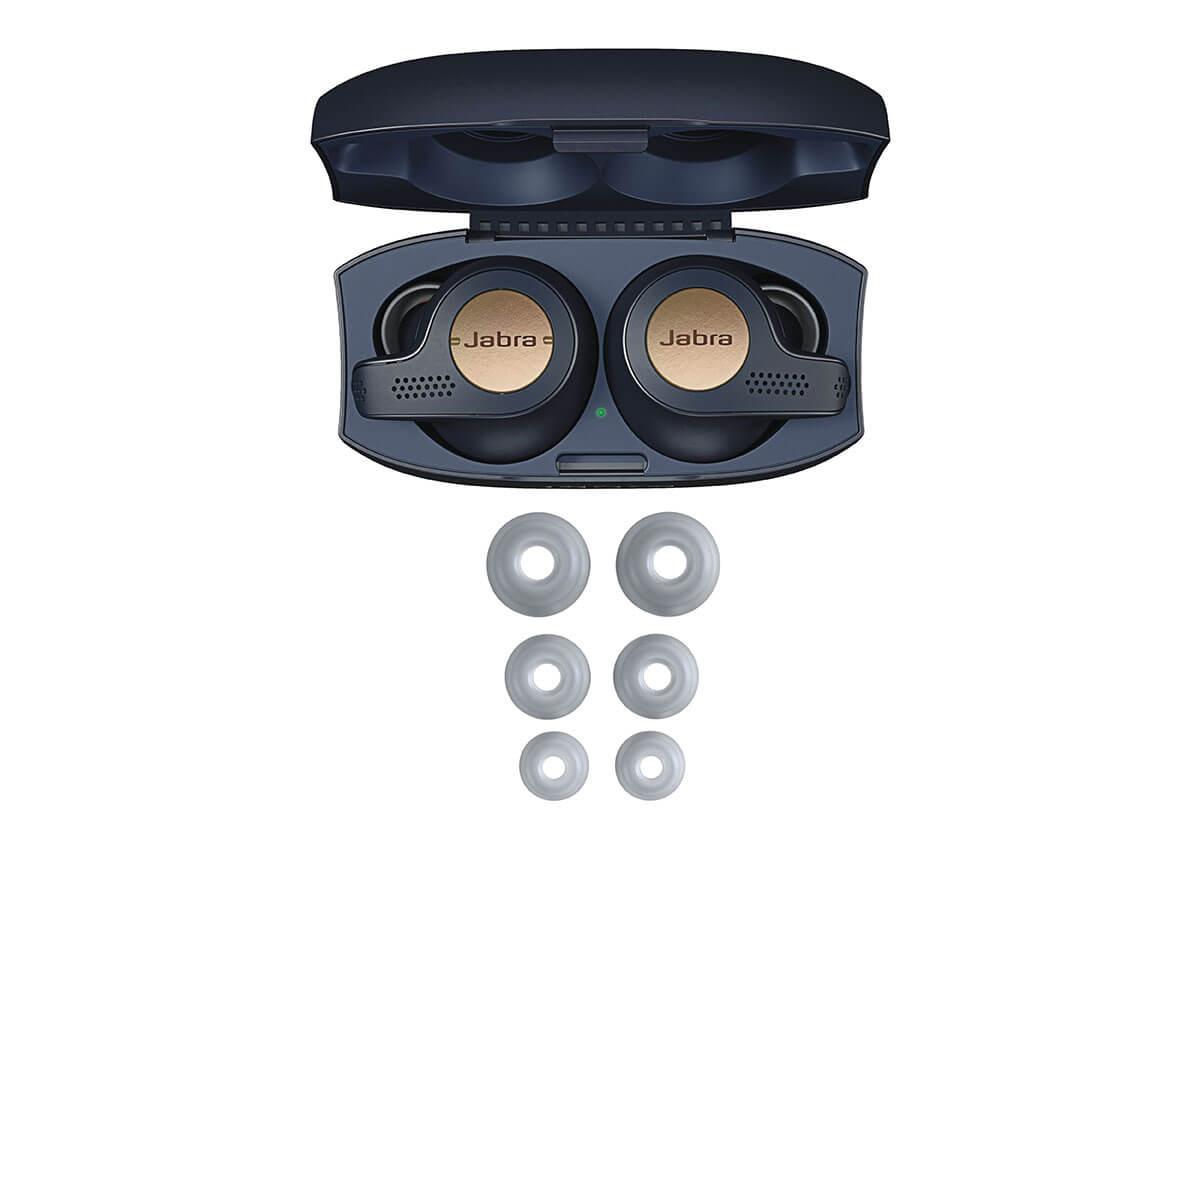 jabra-elite-active-65t-headset